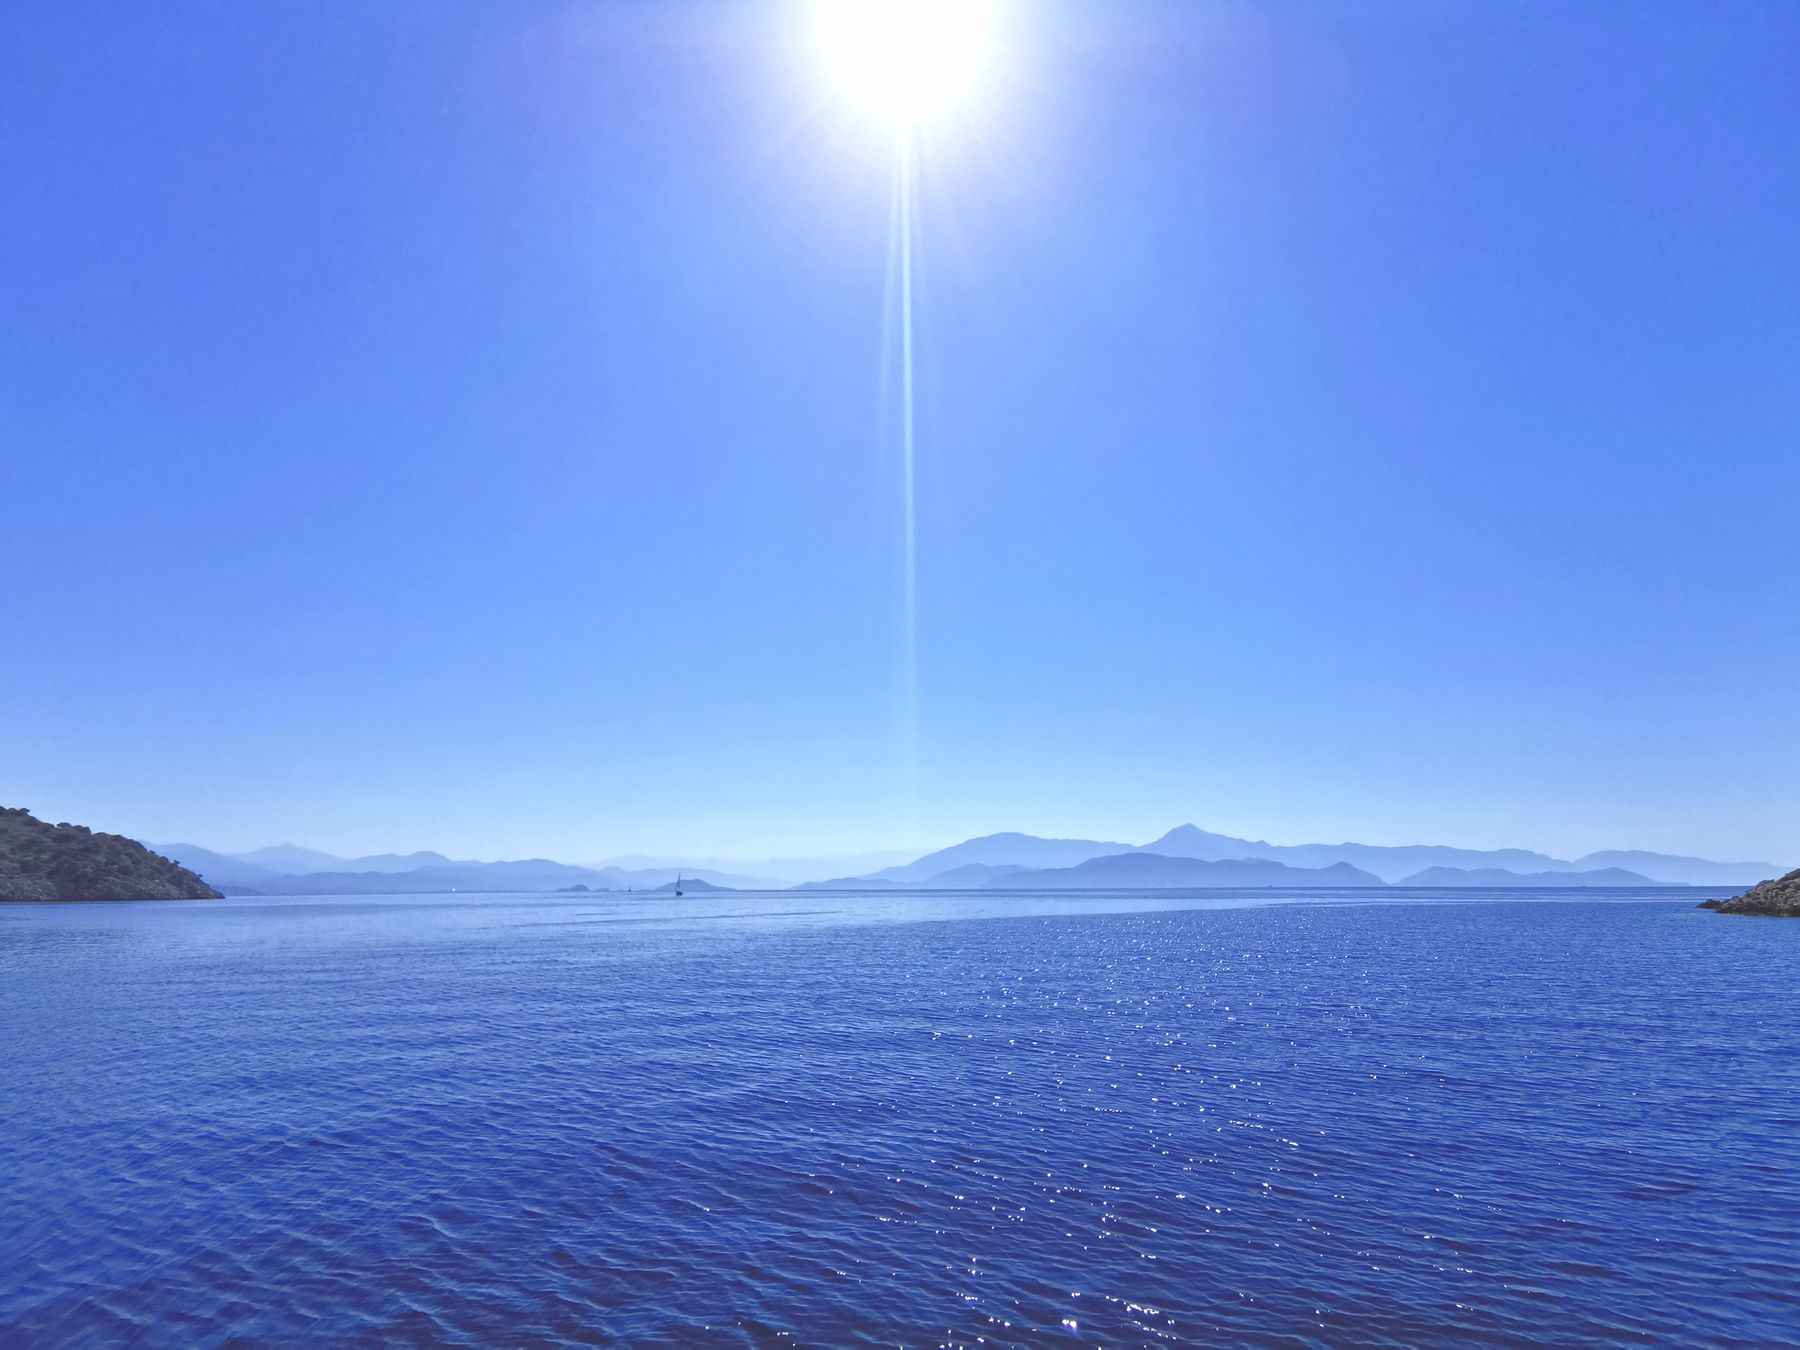 Incredible Turkey море солнце волны горы яхта парусник вода простор